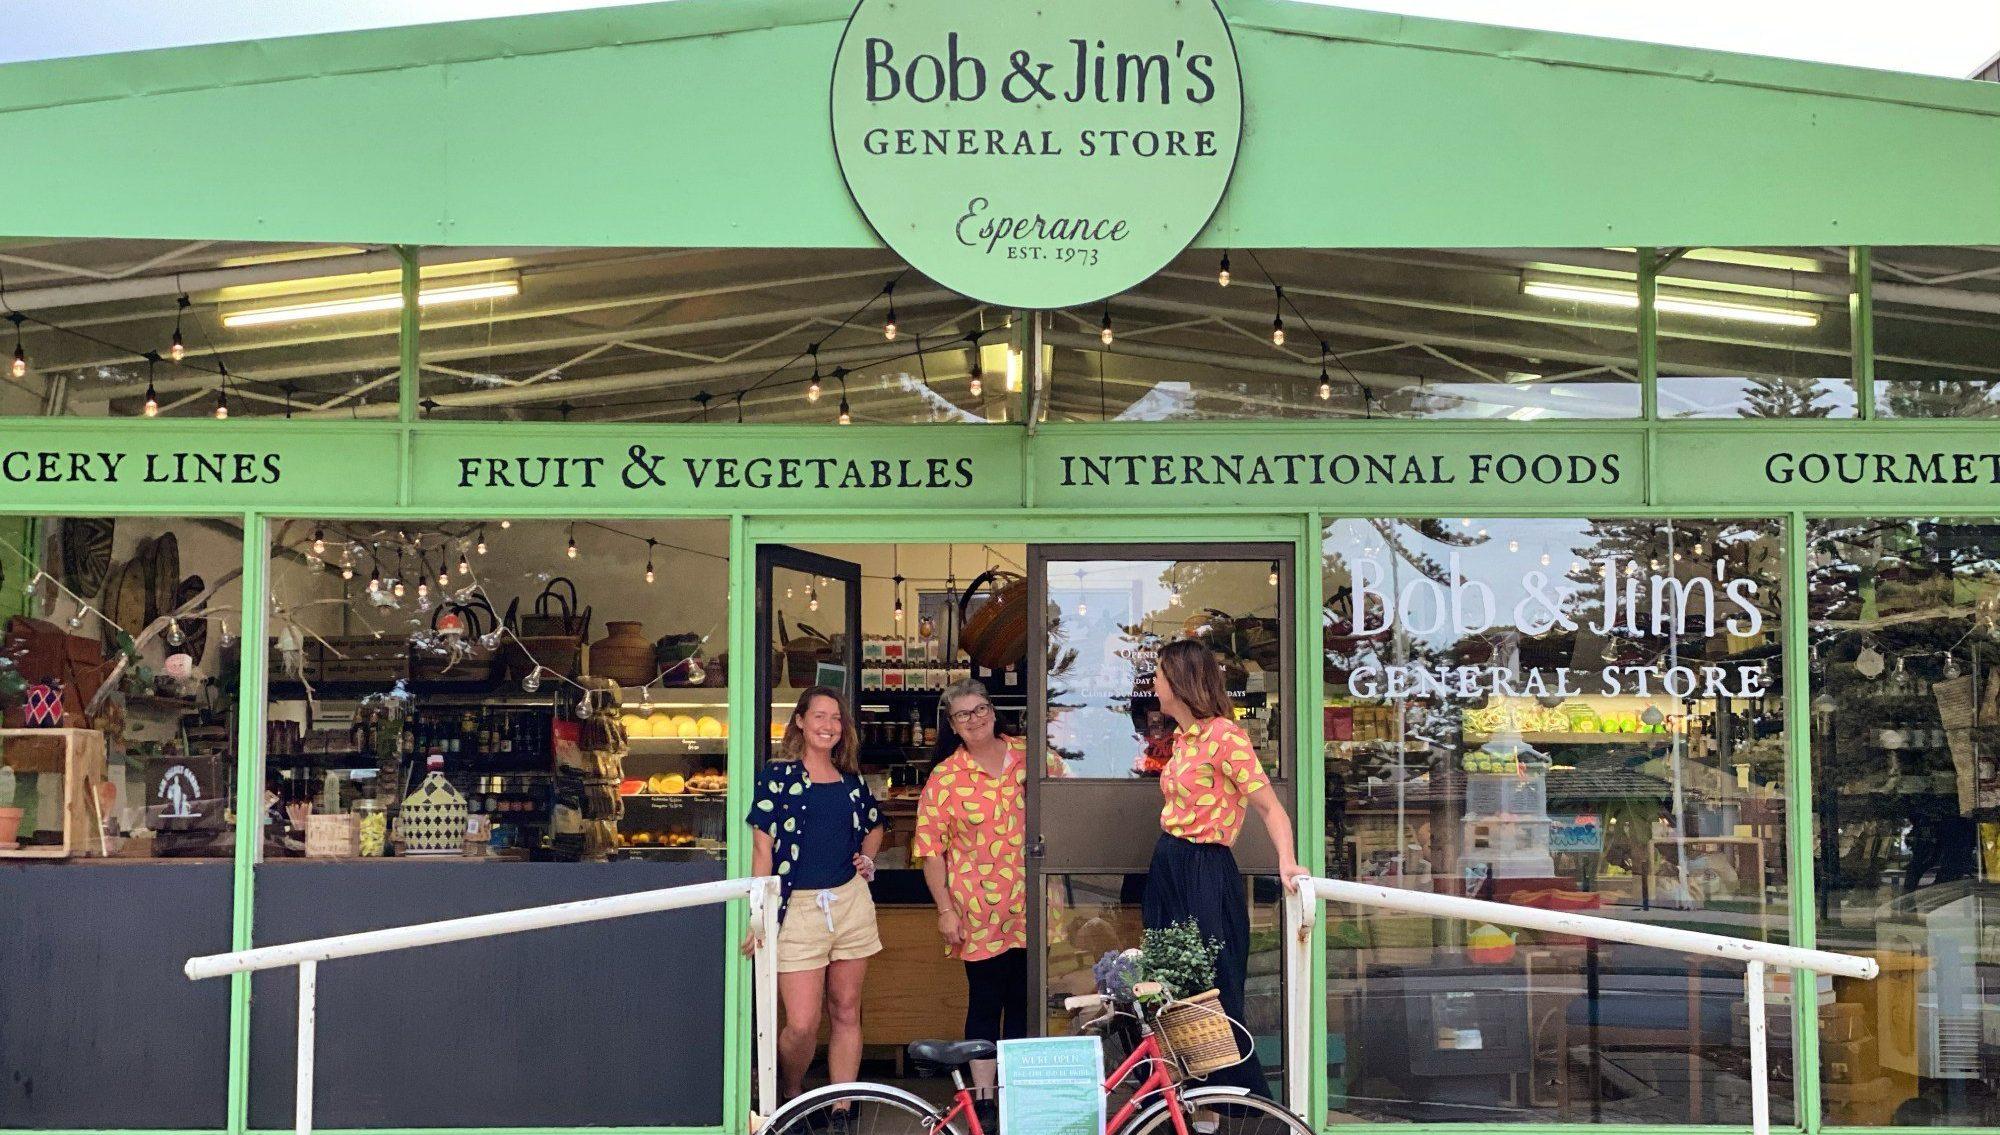 Bob & Jim's General Store